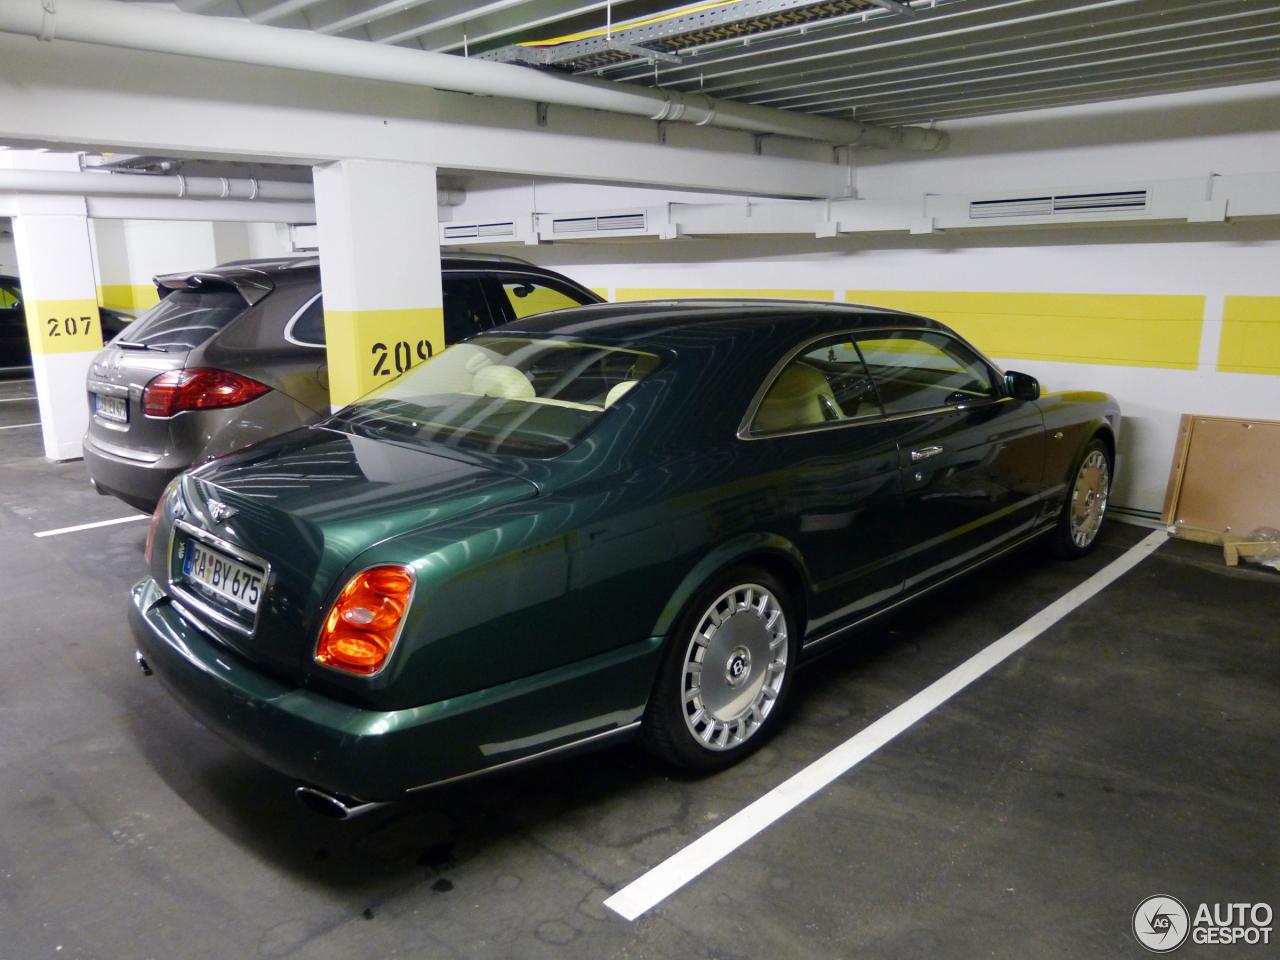 Bentley brooklands 2008 16 may 2015 autogespot 5 i bentley brooklands 2008 5 vanachro Choice Image